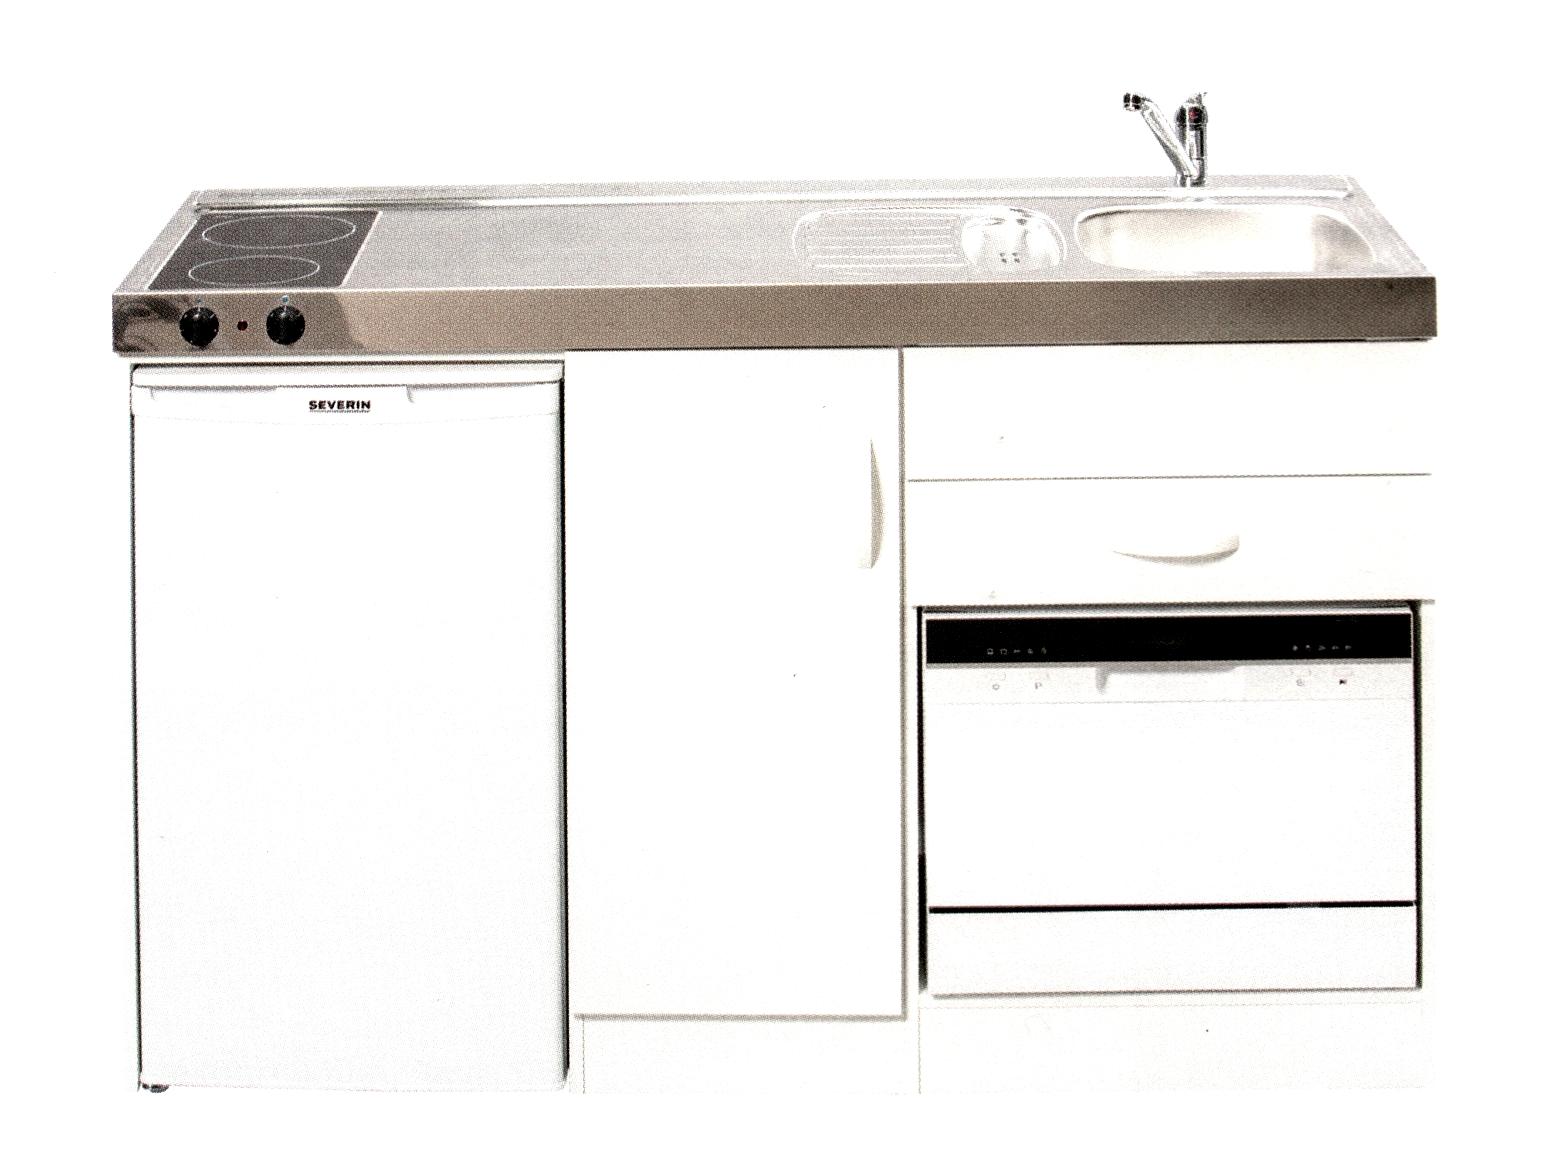 Full Size of Miniküche Mit Kühlschrank Bauhaus Miniküche Mit Backofen Und Kühlschrank 170 Cm Miniküche Ohne Kühlschrank Miniküche Mit Kühlschrank Und Spüle Küche Miniküche Mit Kühlschrank